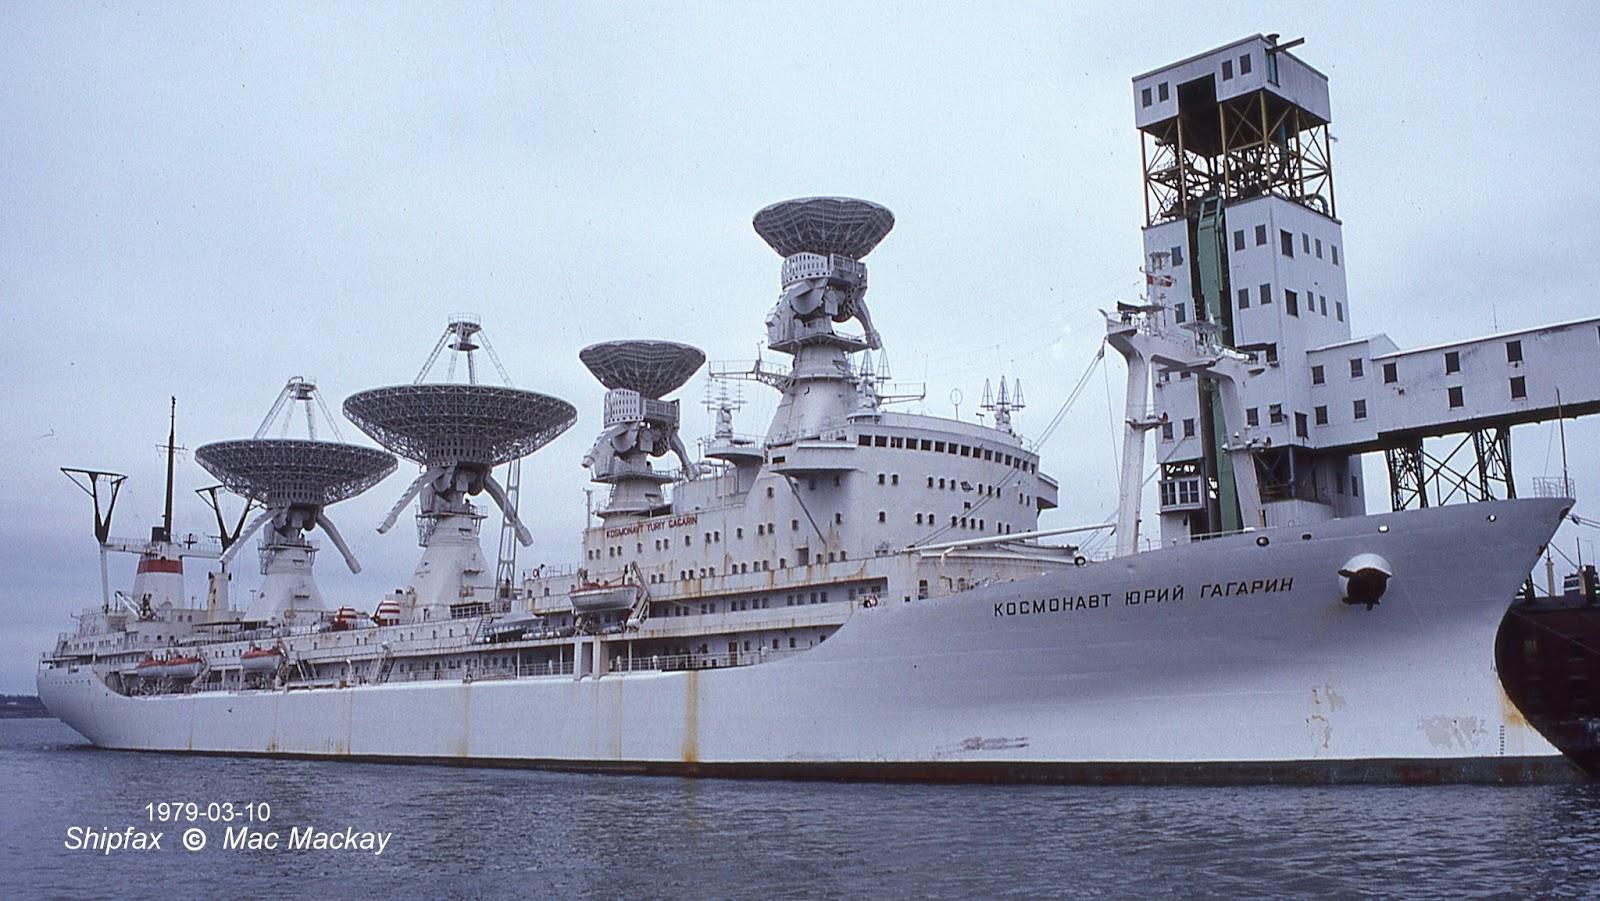 gagarin ship - photo #3